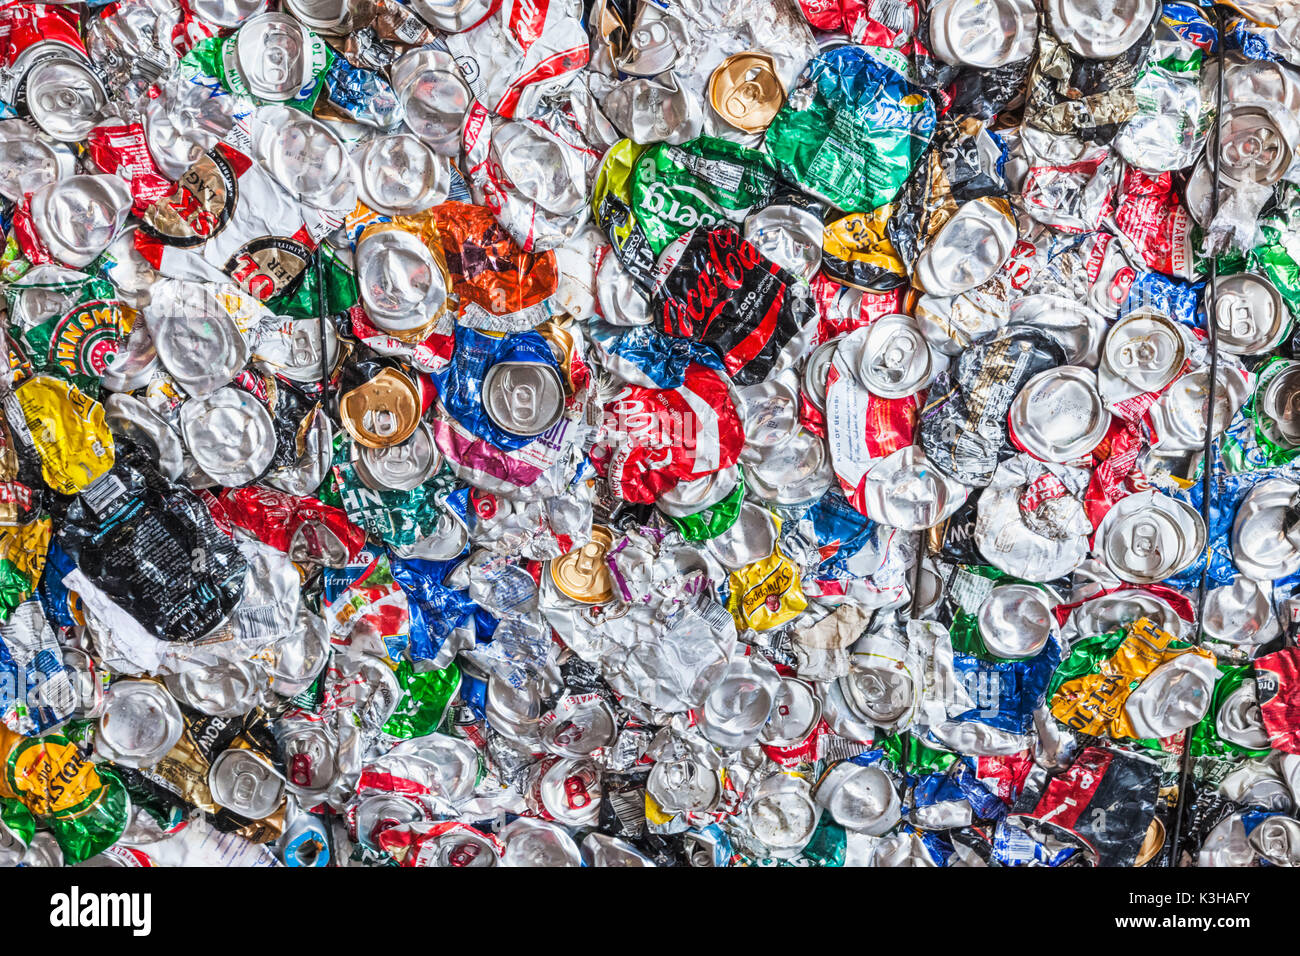 L'Angleterre, Londres, Southwark Intergrated Installations de gestion des déchets, recyclage des déchets, Détail de la balle métallique Comprimé Photo Stock